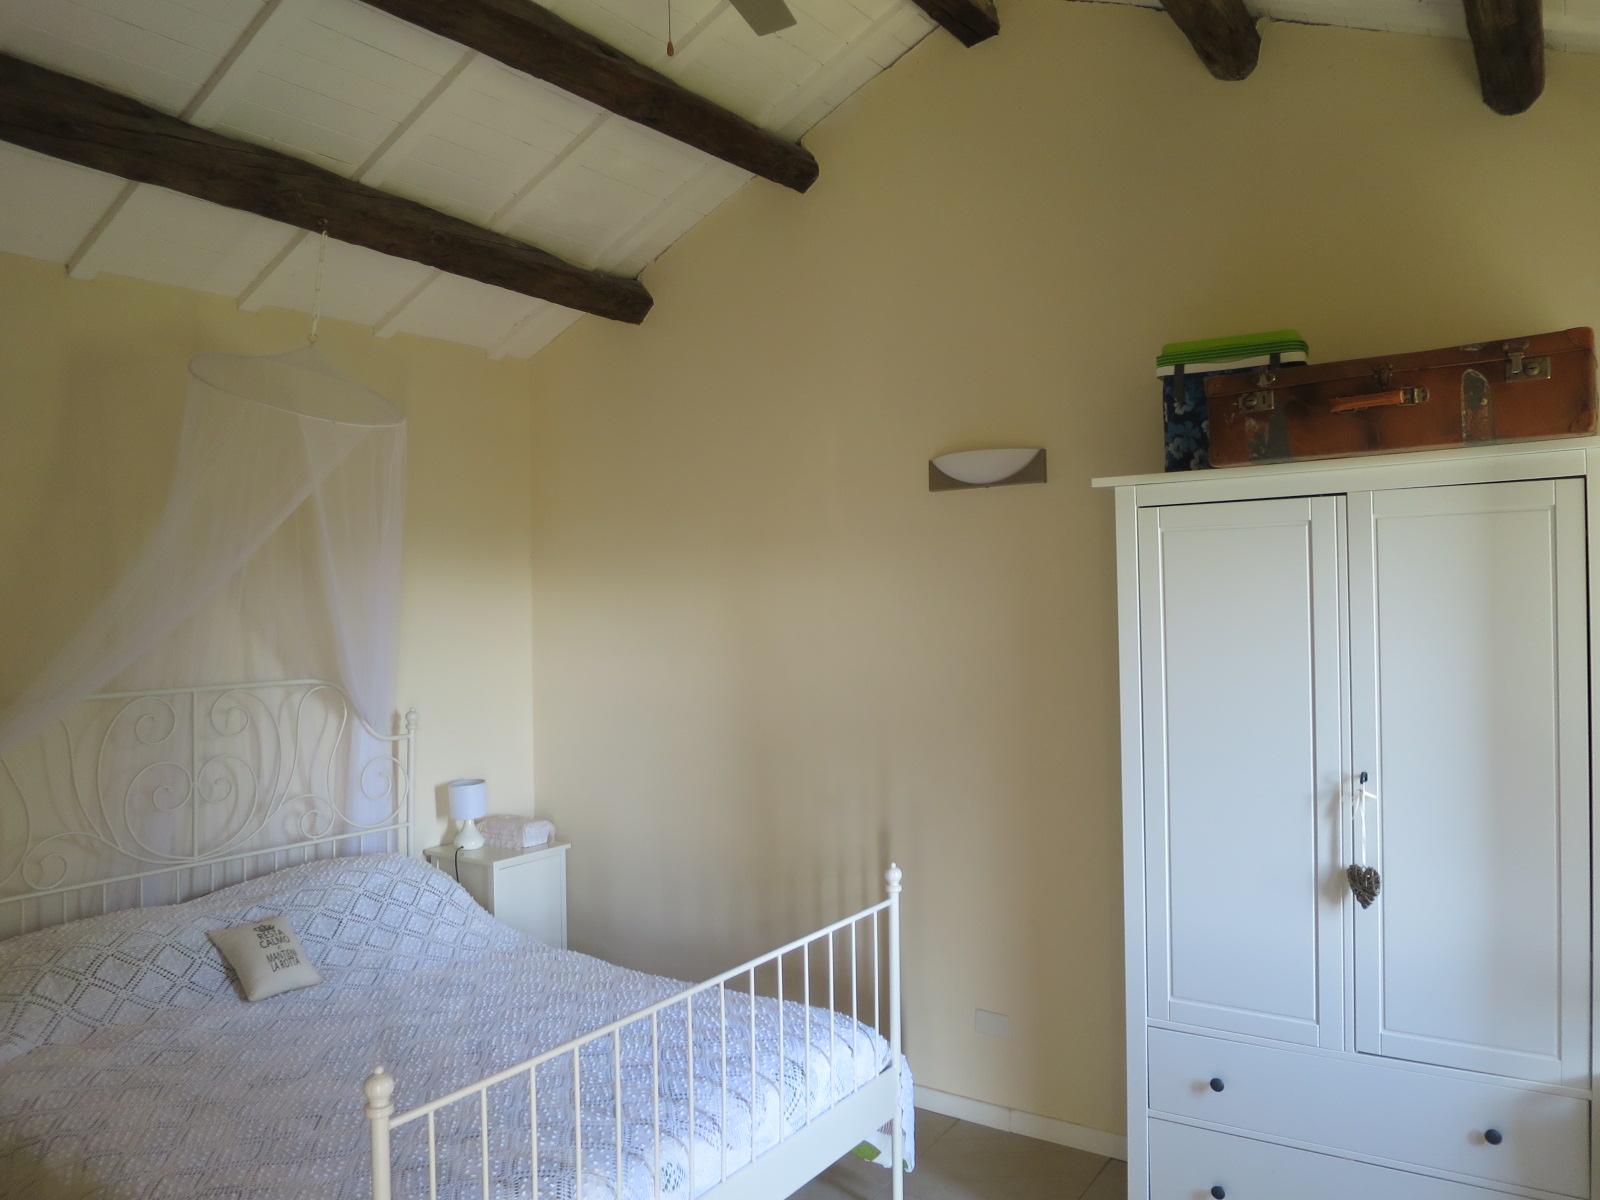 Casa di campagna Casa di campagna in vendita Montefino (TE), Casa Collina - Montefino - EUR 151.447 360